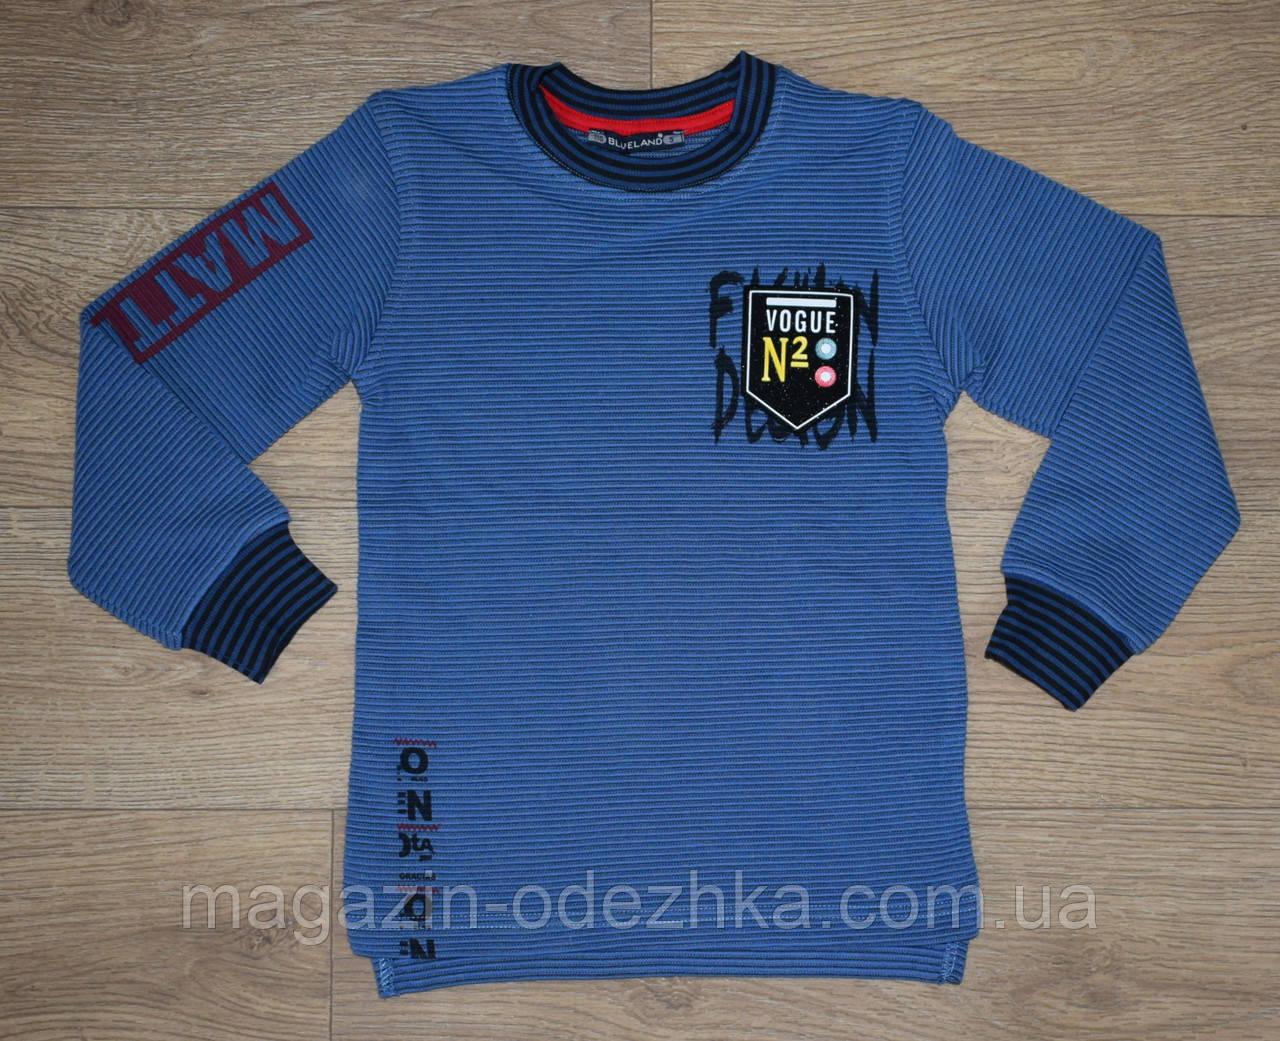 """Спортивная кофта для мальчика 110-116-122-128 рост """"Blueland """" Турция"""